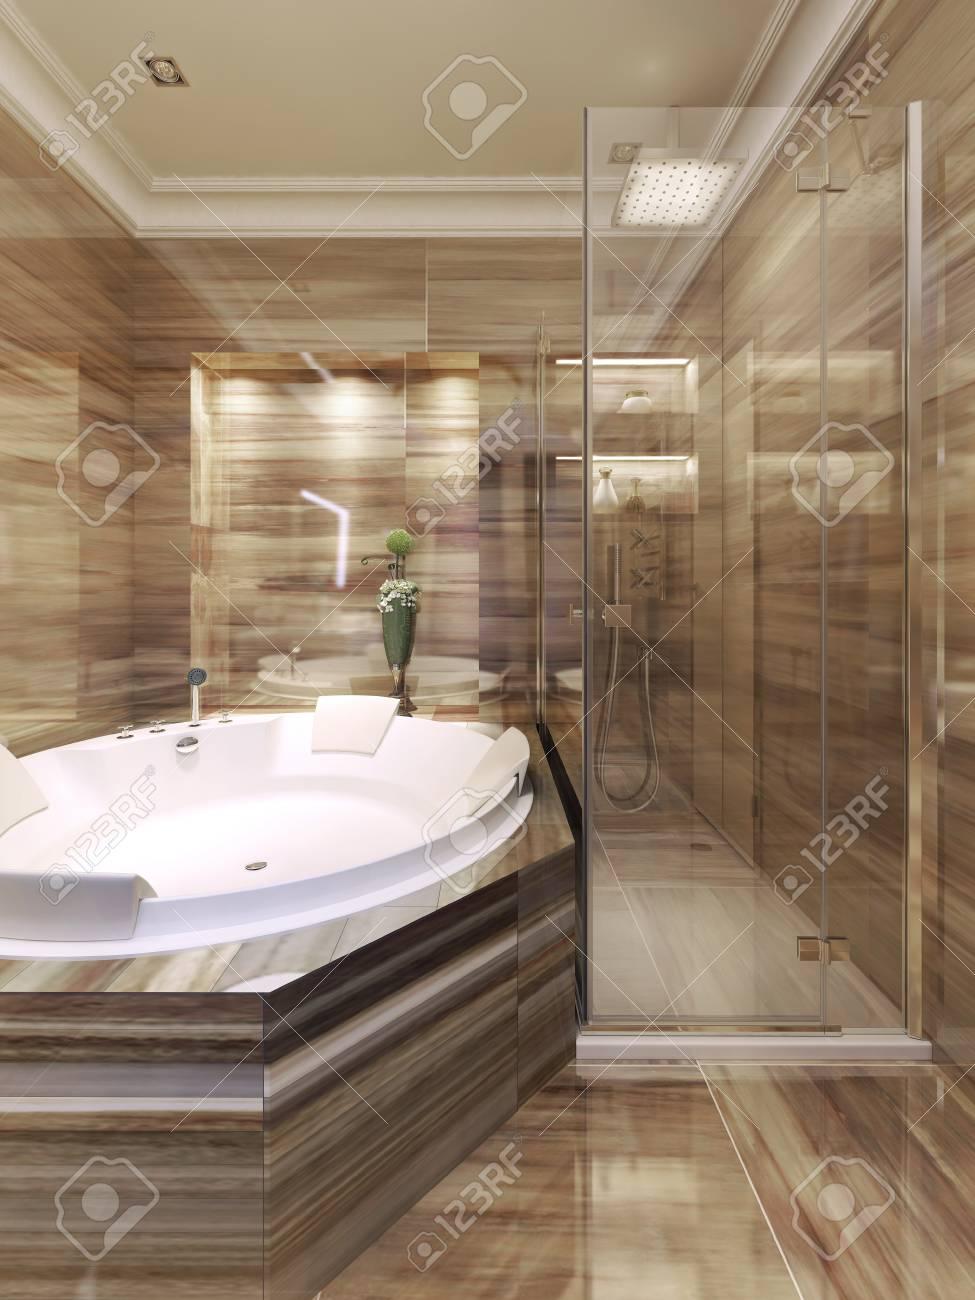 Salle de bain Art déco avec douche. Rendu 3D